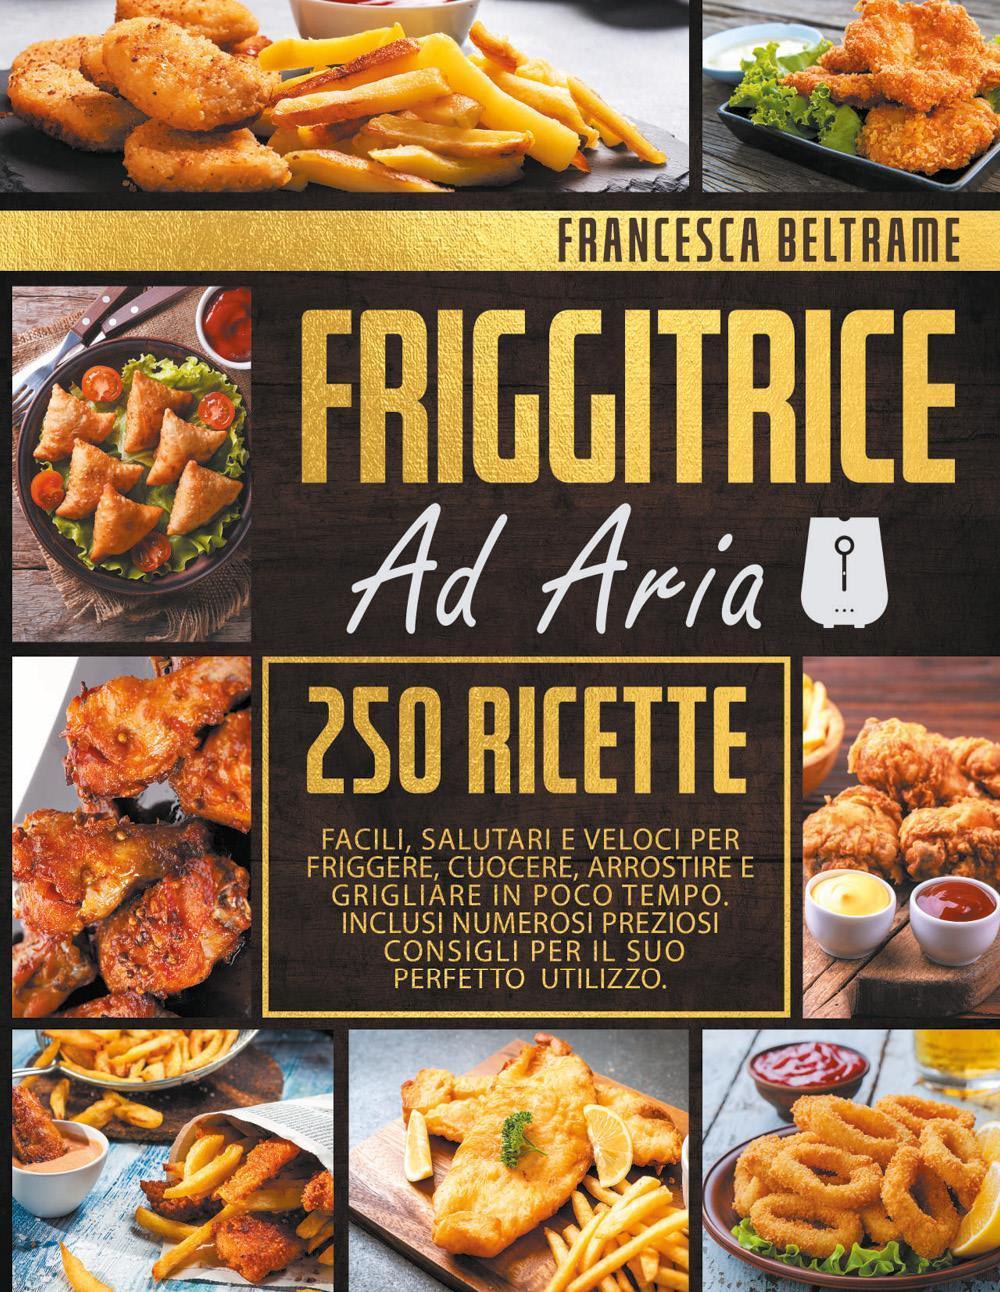 FRIGGITRICE AD ARIA; 250 Ricette Facili, Salutari e Veloci Per Friggere, Cuocere, Arrostire e Grigliare In Poco Tempo. Inclusi Numerosi Preziosi Consi